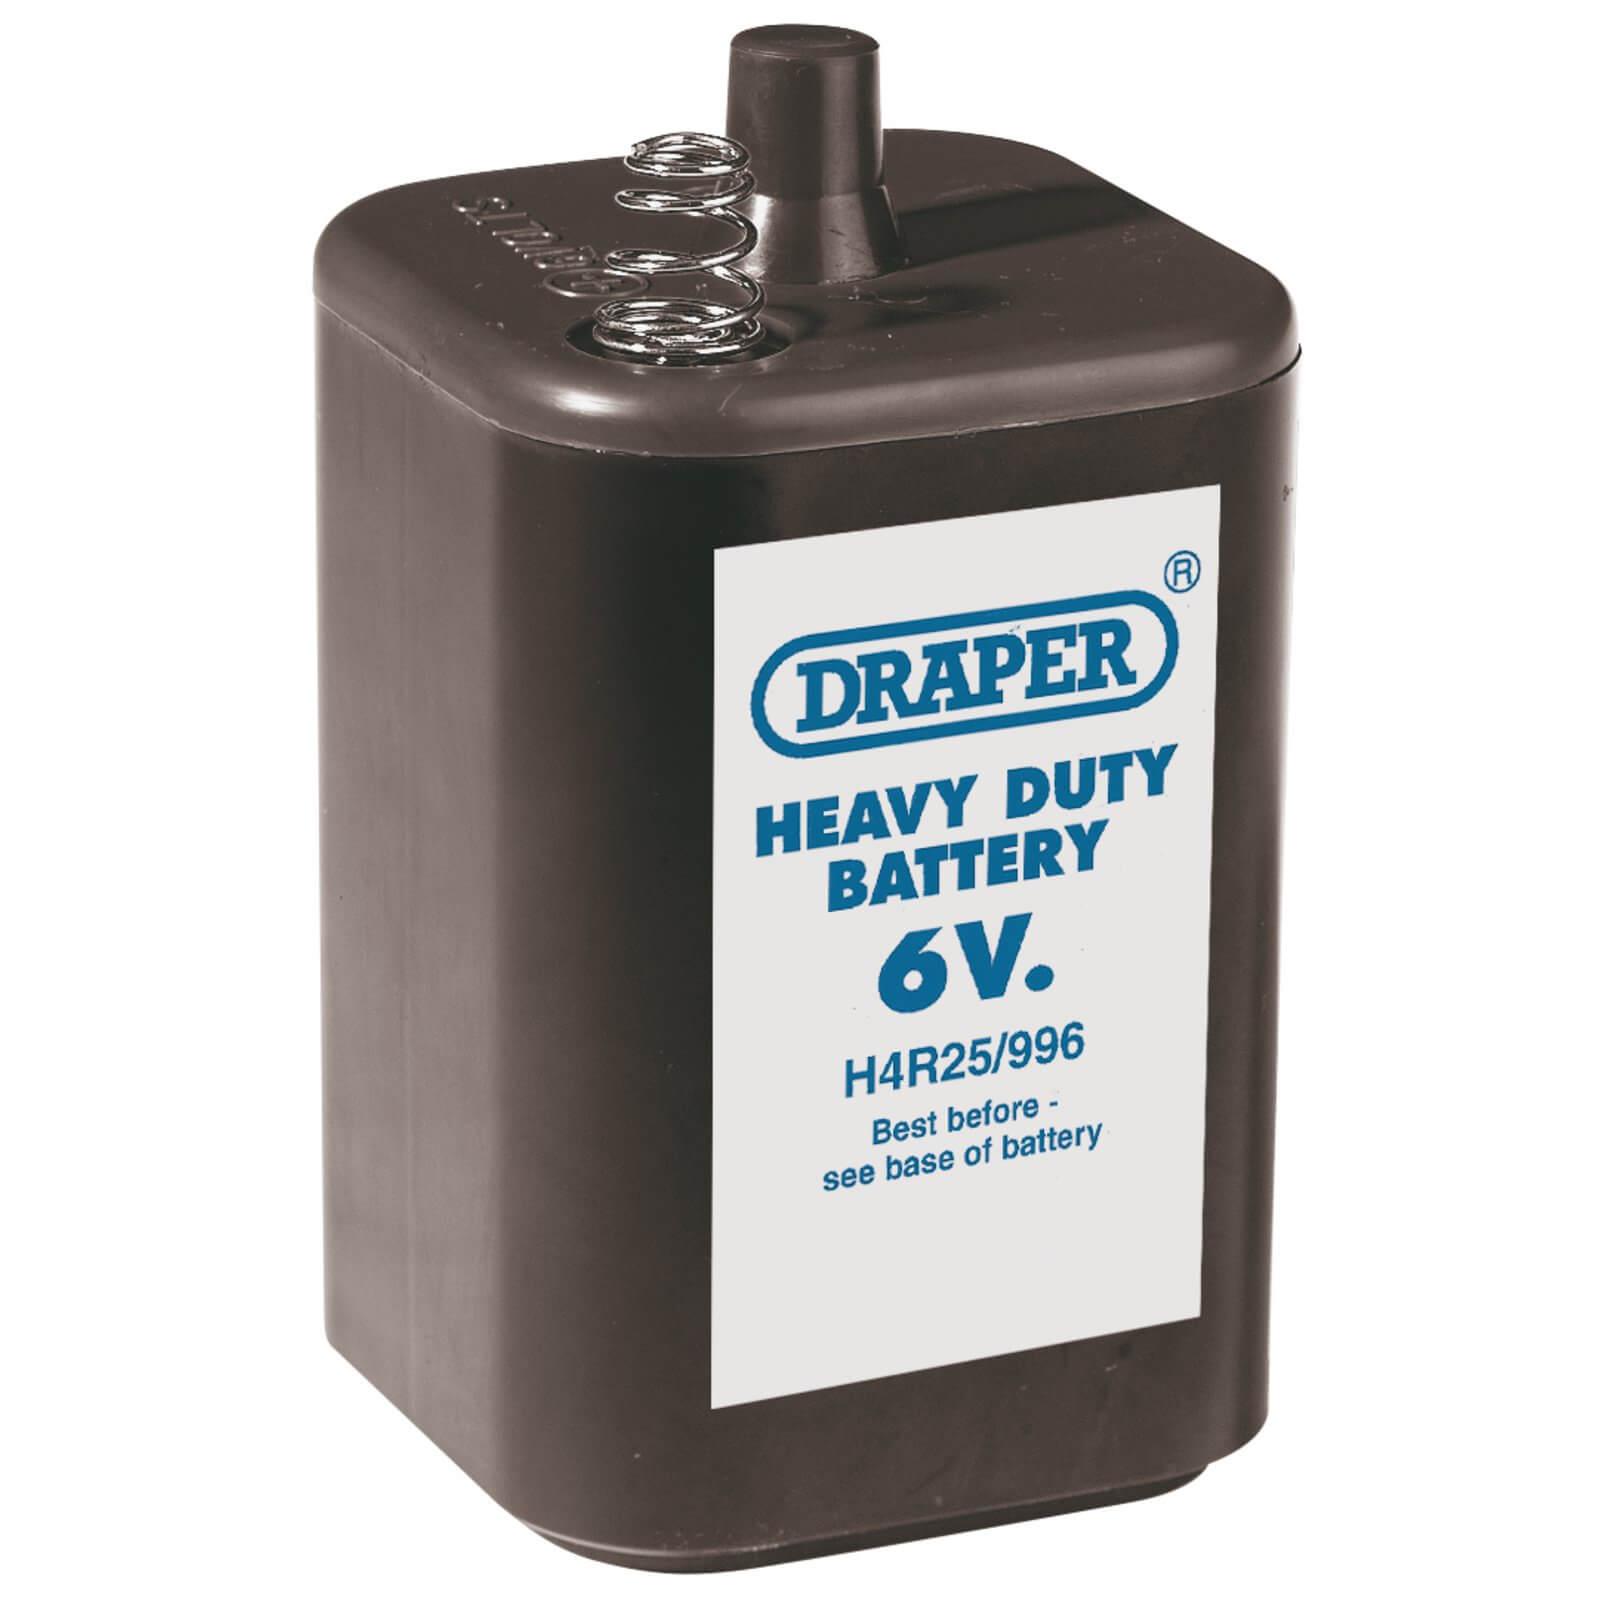 Image of Draper 6v PJ996 Size Battery Pack of 1